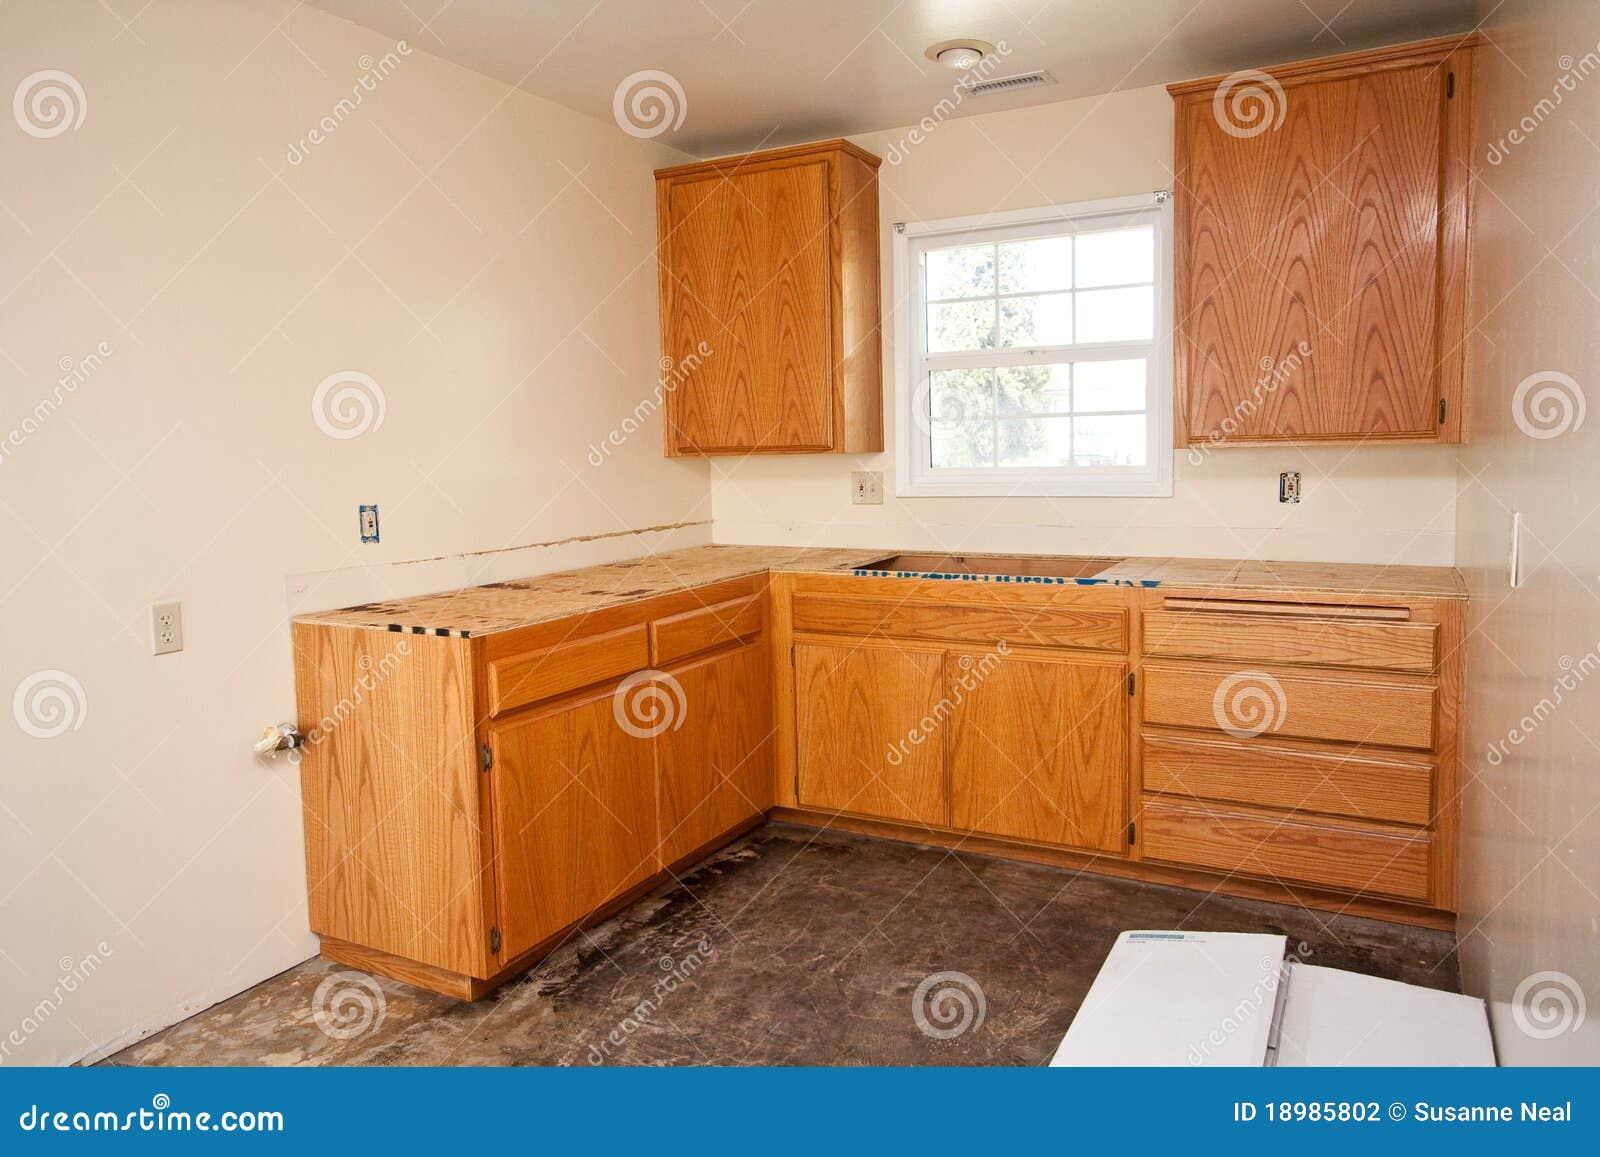 Controsoffitto per cucina - Armadi da cucina ...